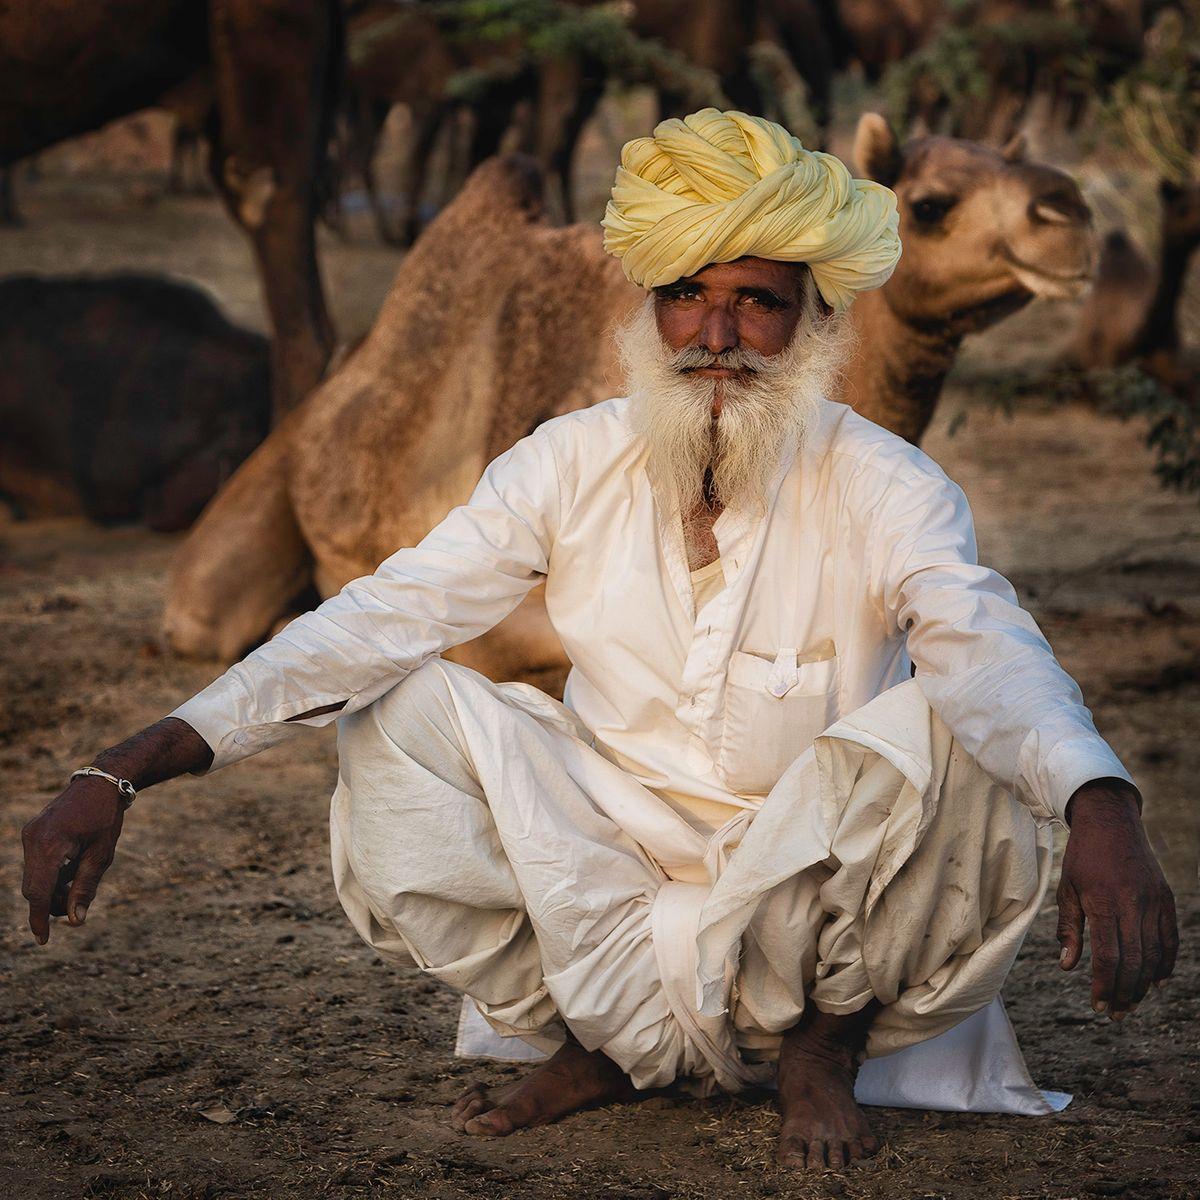 Pushkar Camel Owner